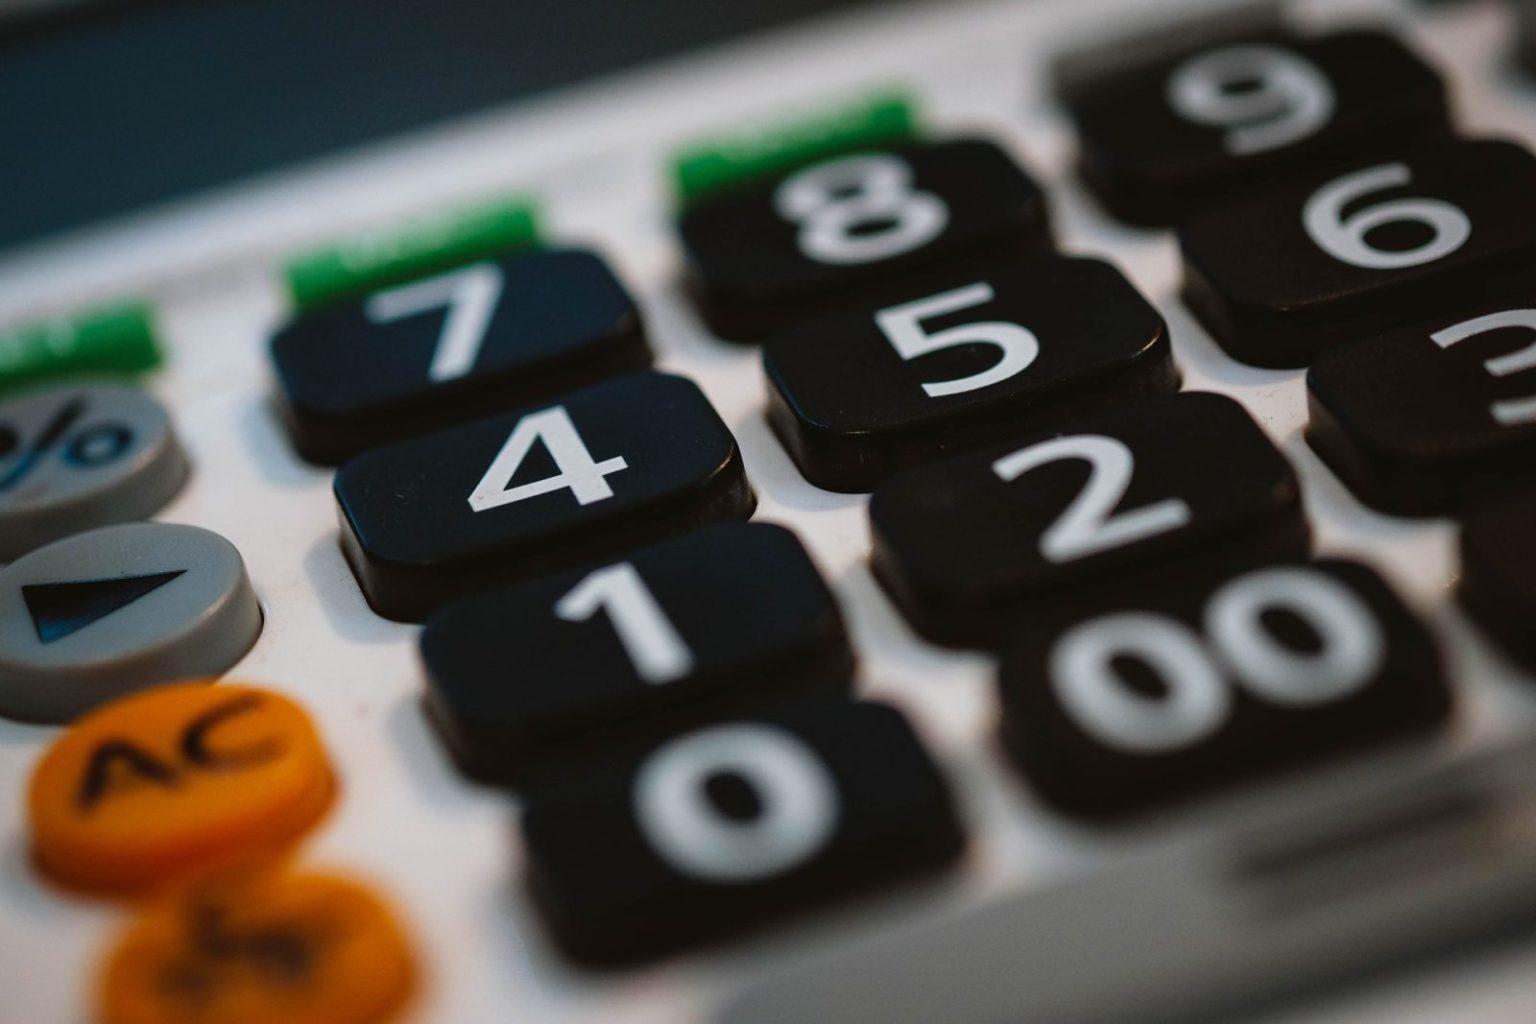 Калькулятор продолжительности жизни создали ученые